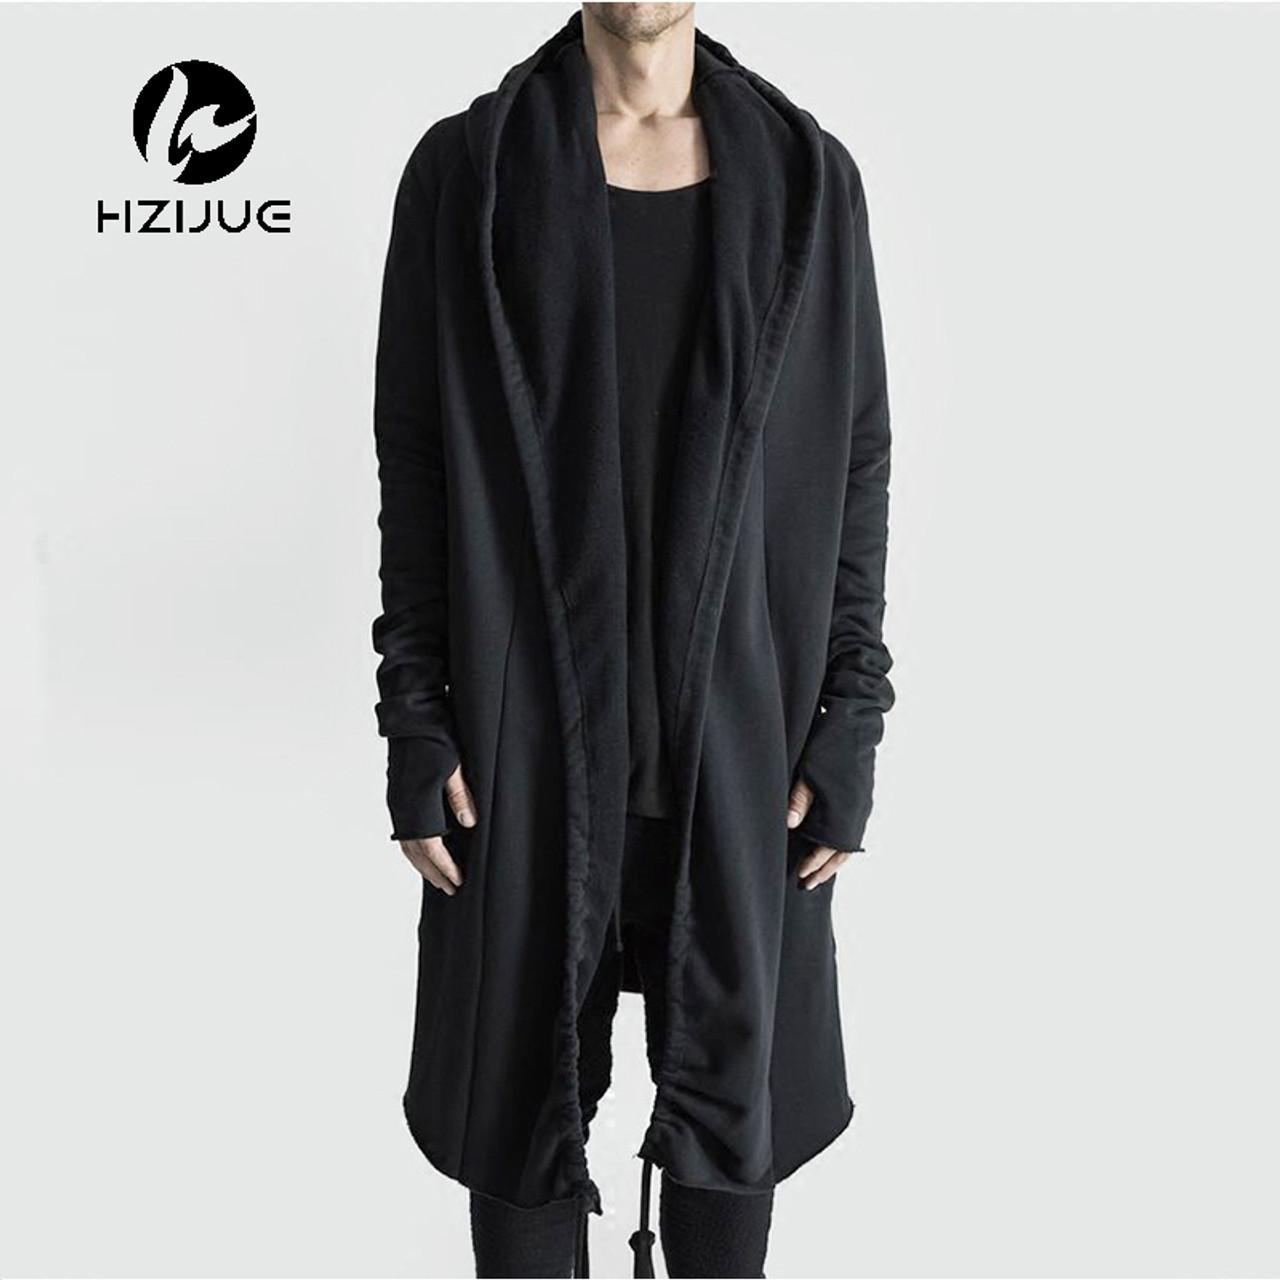 790c87acf32f HZIJUE Brand Kanye West Mantle Streetwear Hoodie Long Male Black mens  Hooded Cloak Hip Hop Longline ...